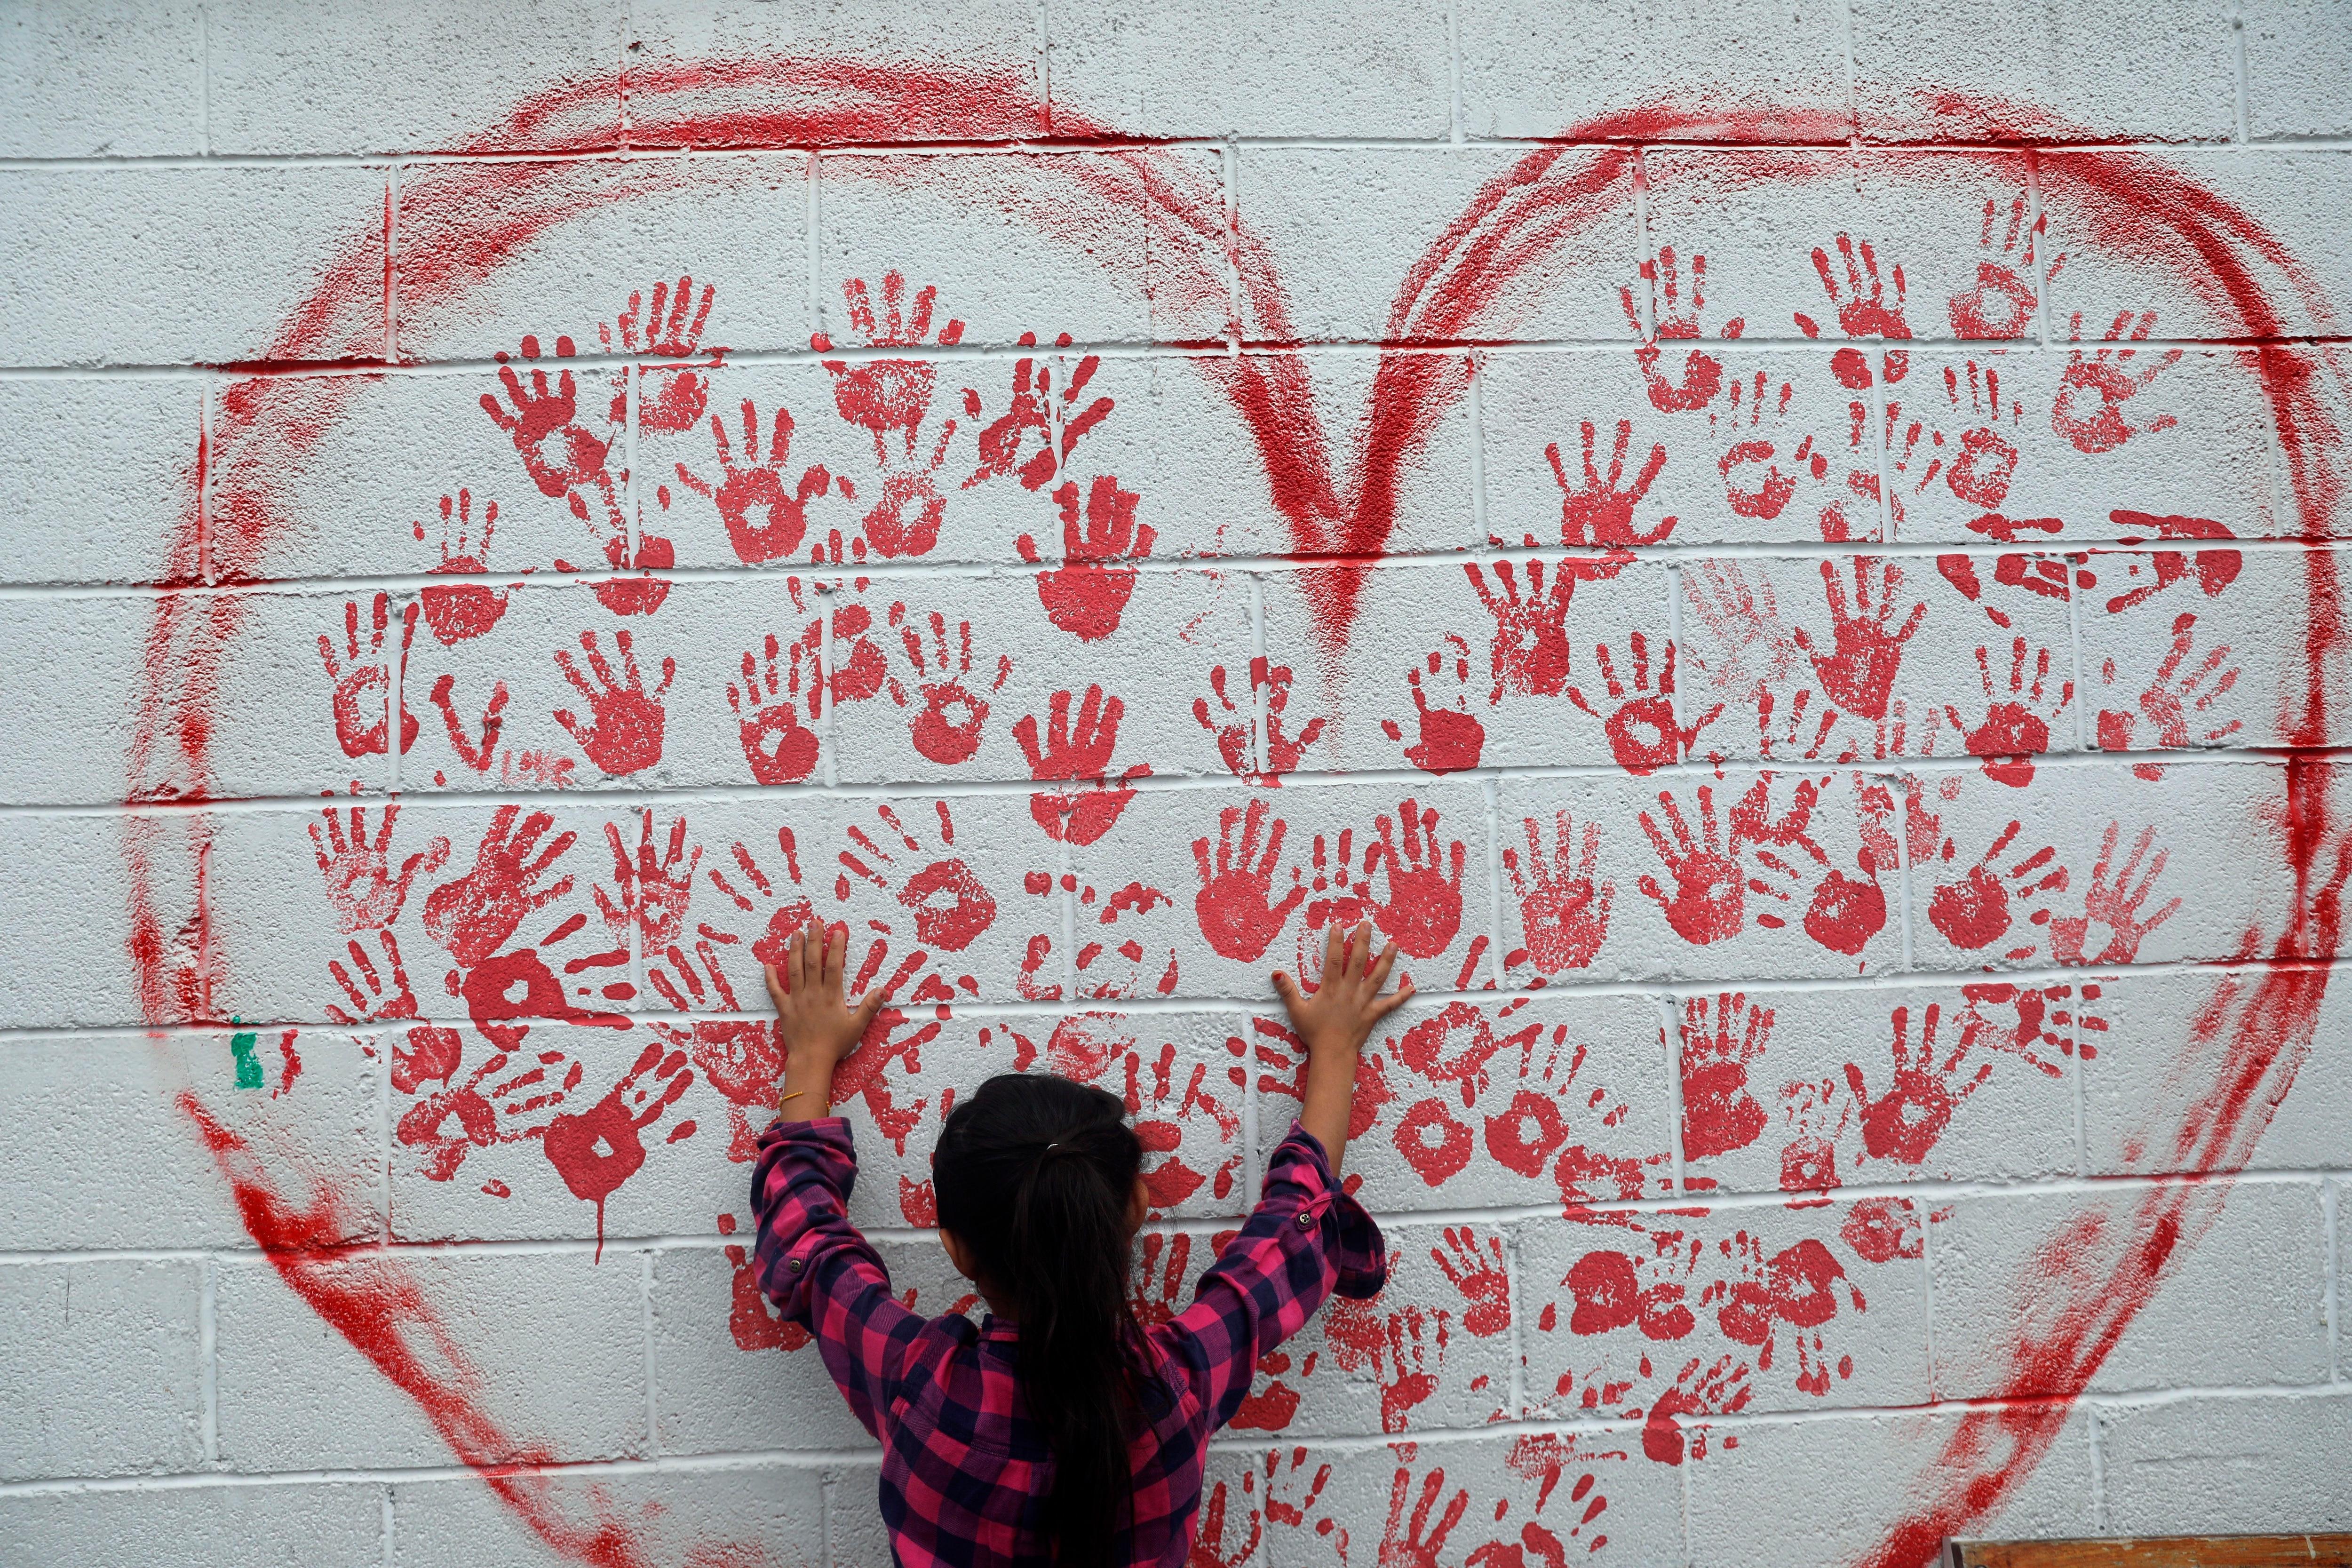 Niños viven angustiados el drama de la pandemia en casas de acogida en México